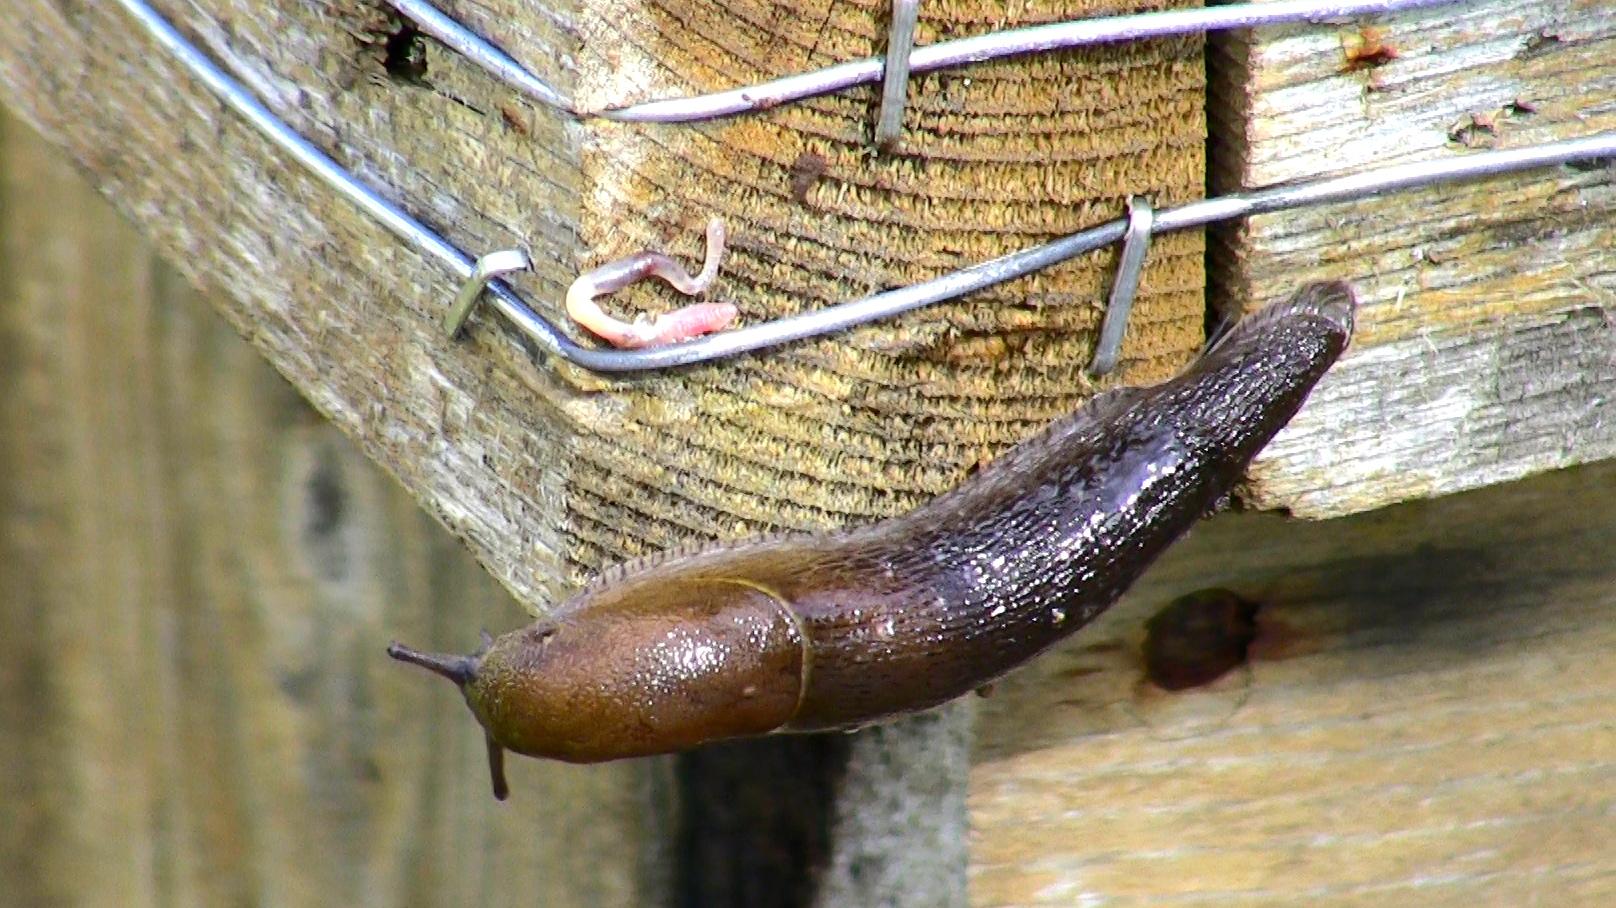 Electric Garden Slug Fence